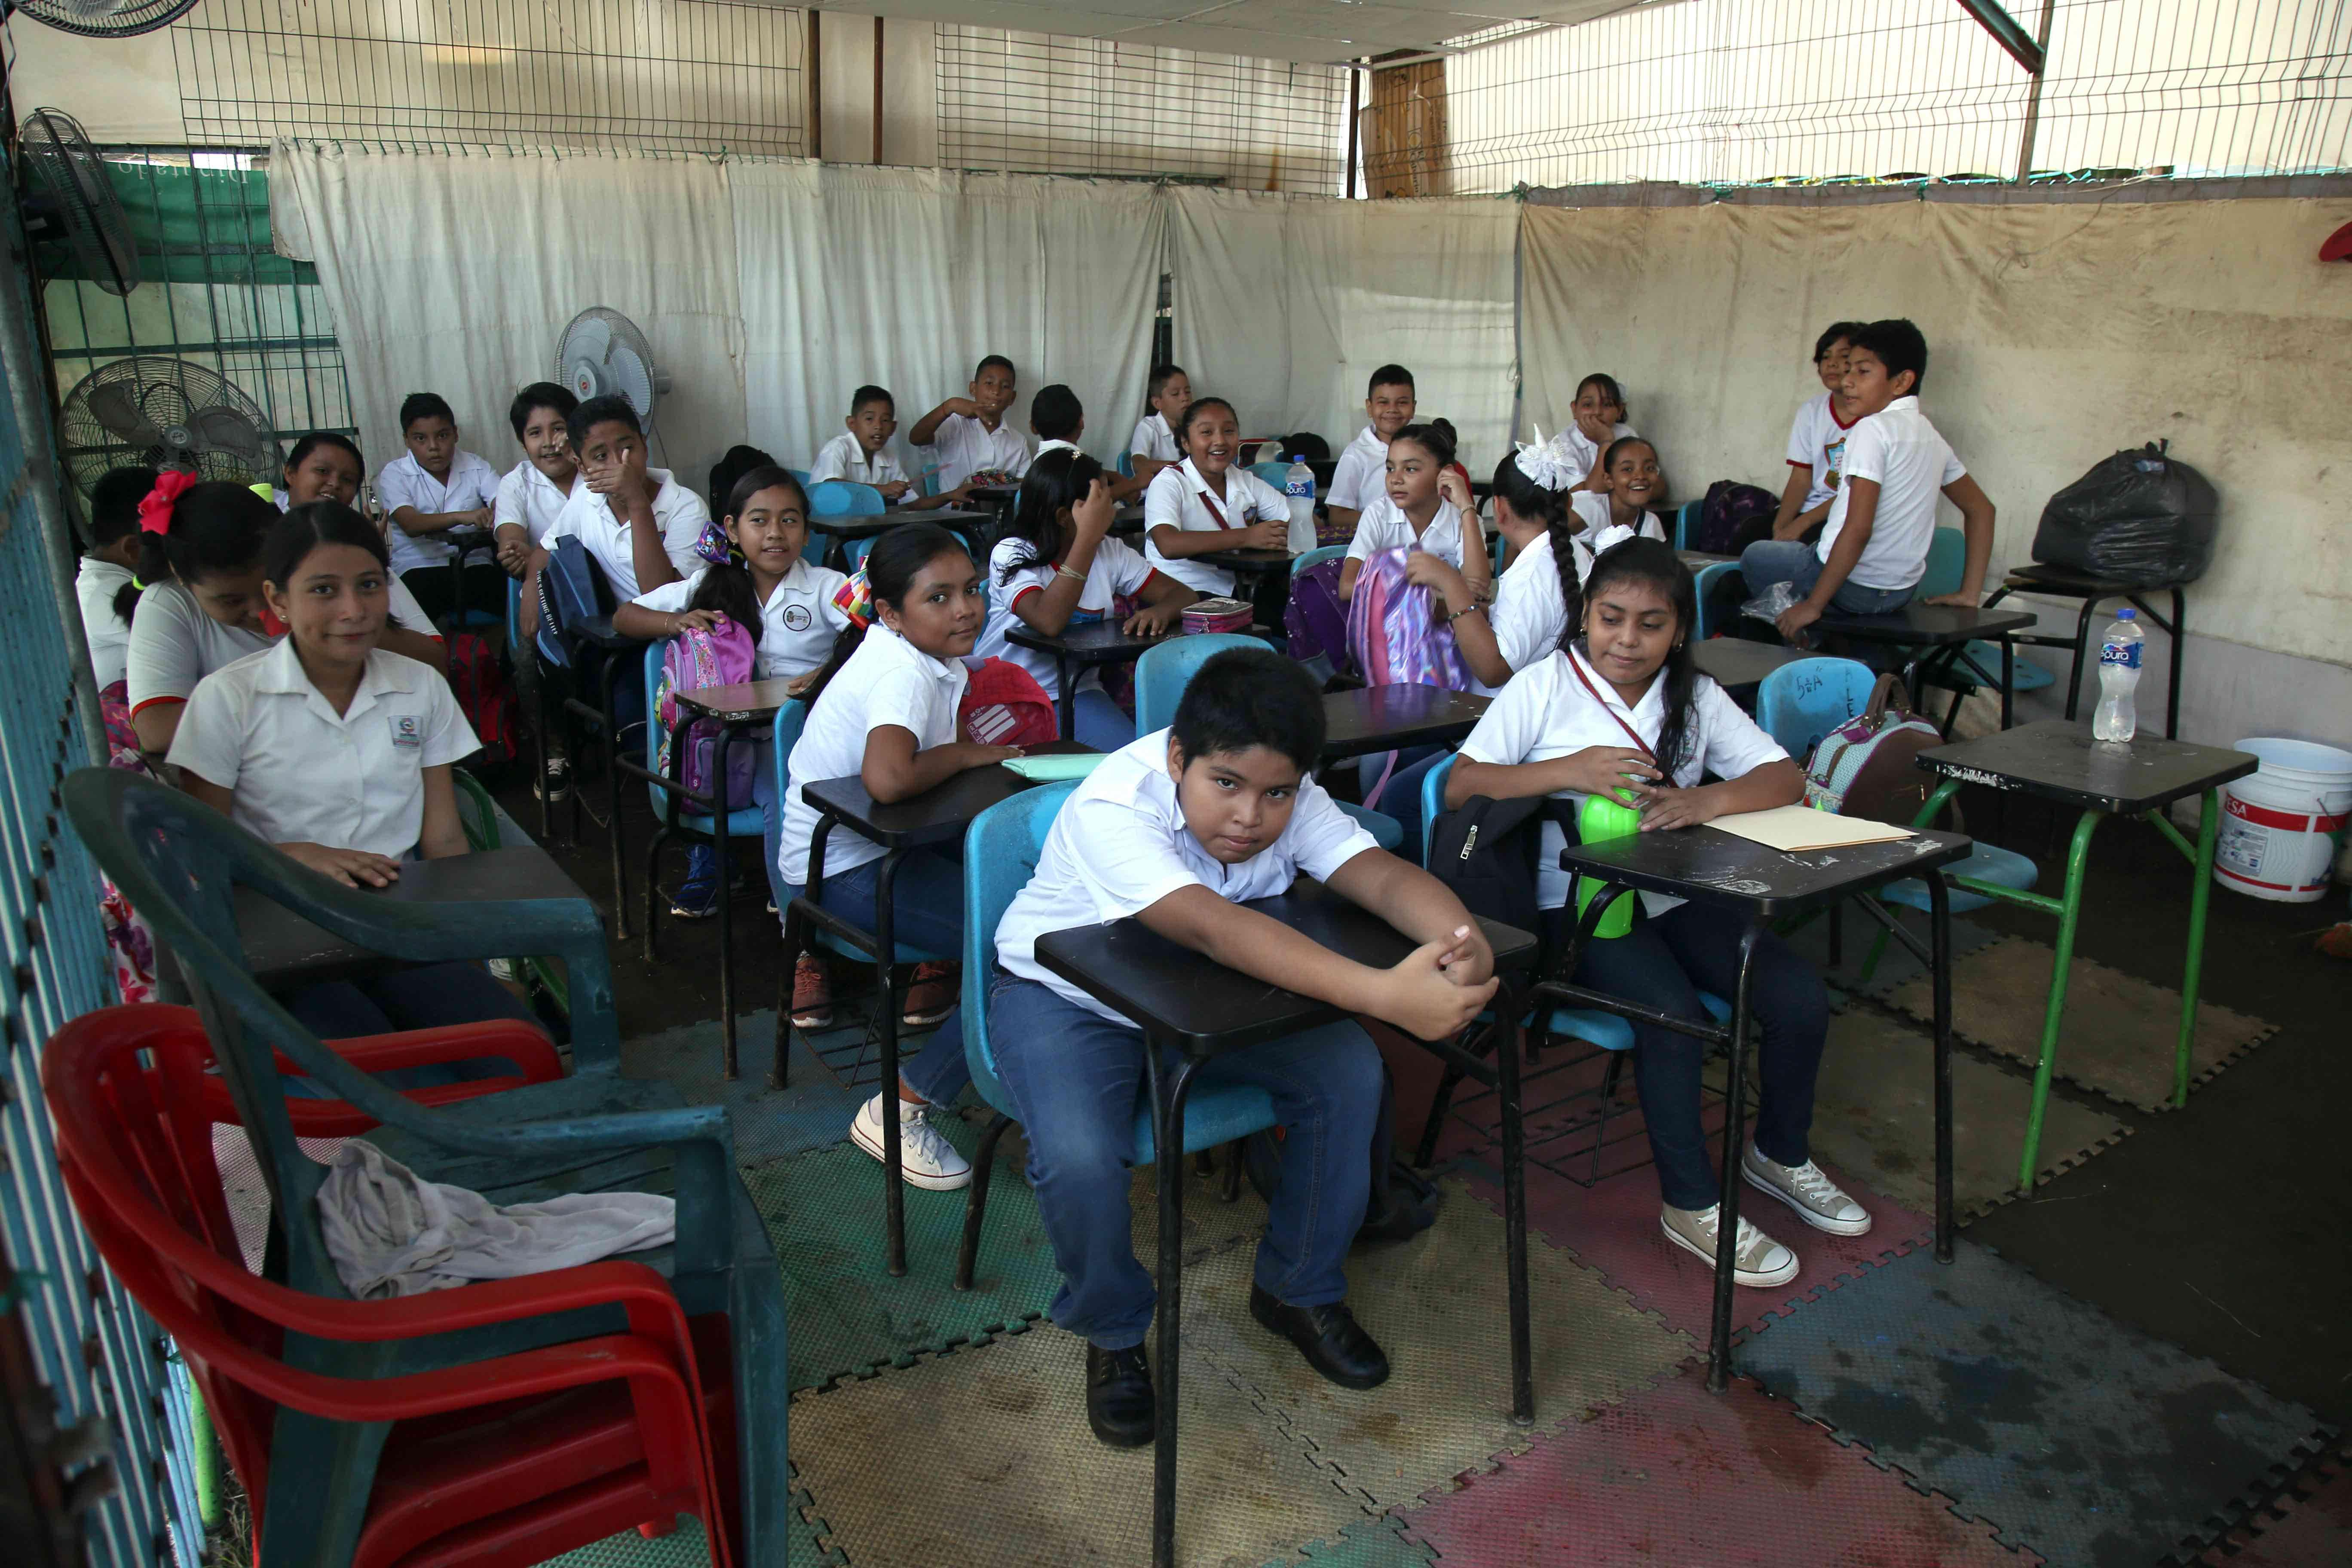 escuela-pobreza-mexico-guerrera